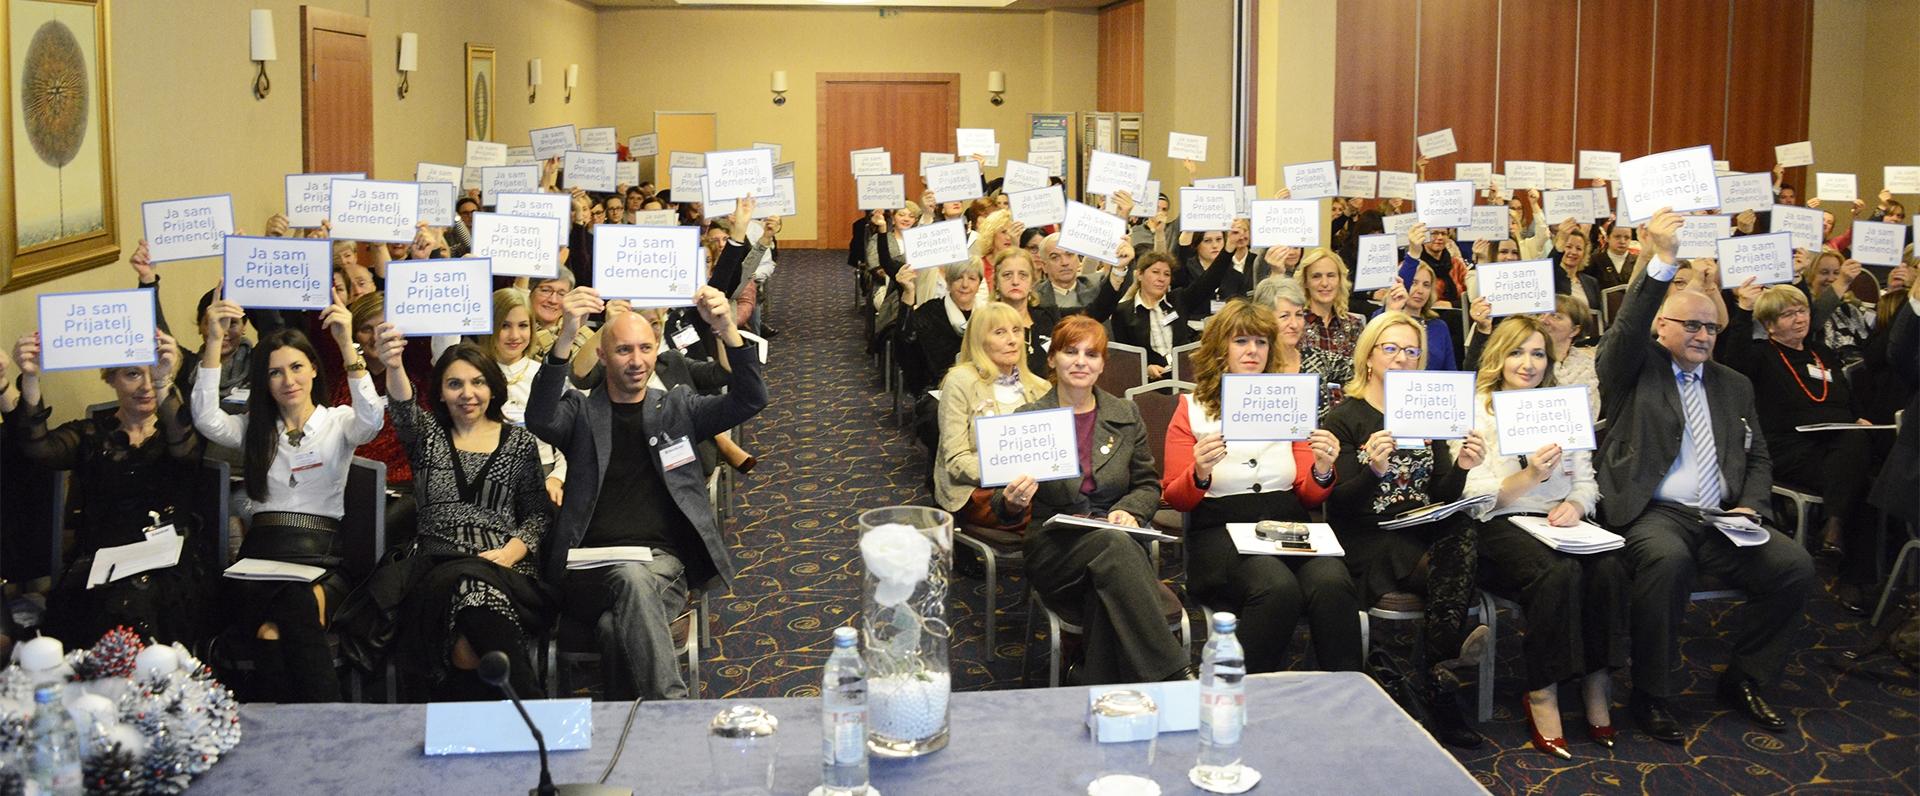 Hrvatska udruga za Alzheimerovu bolest (HUAB) održala edukativnu konferenciju